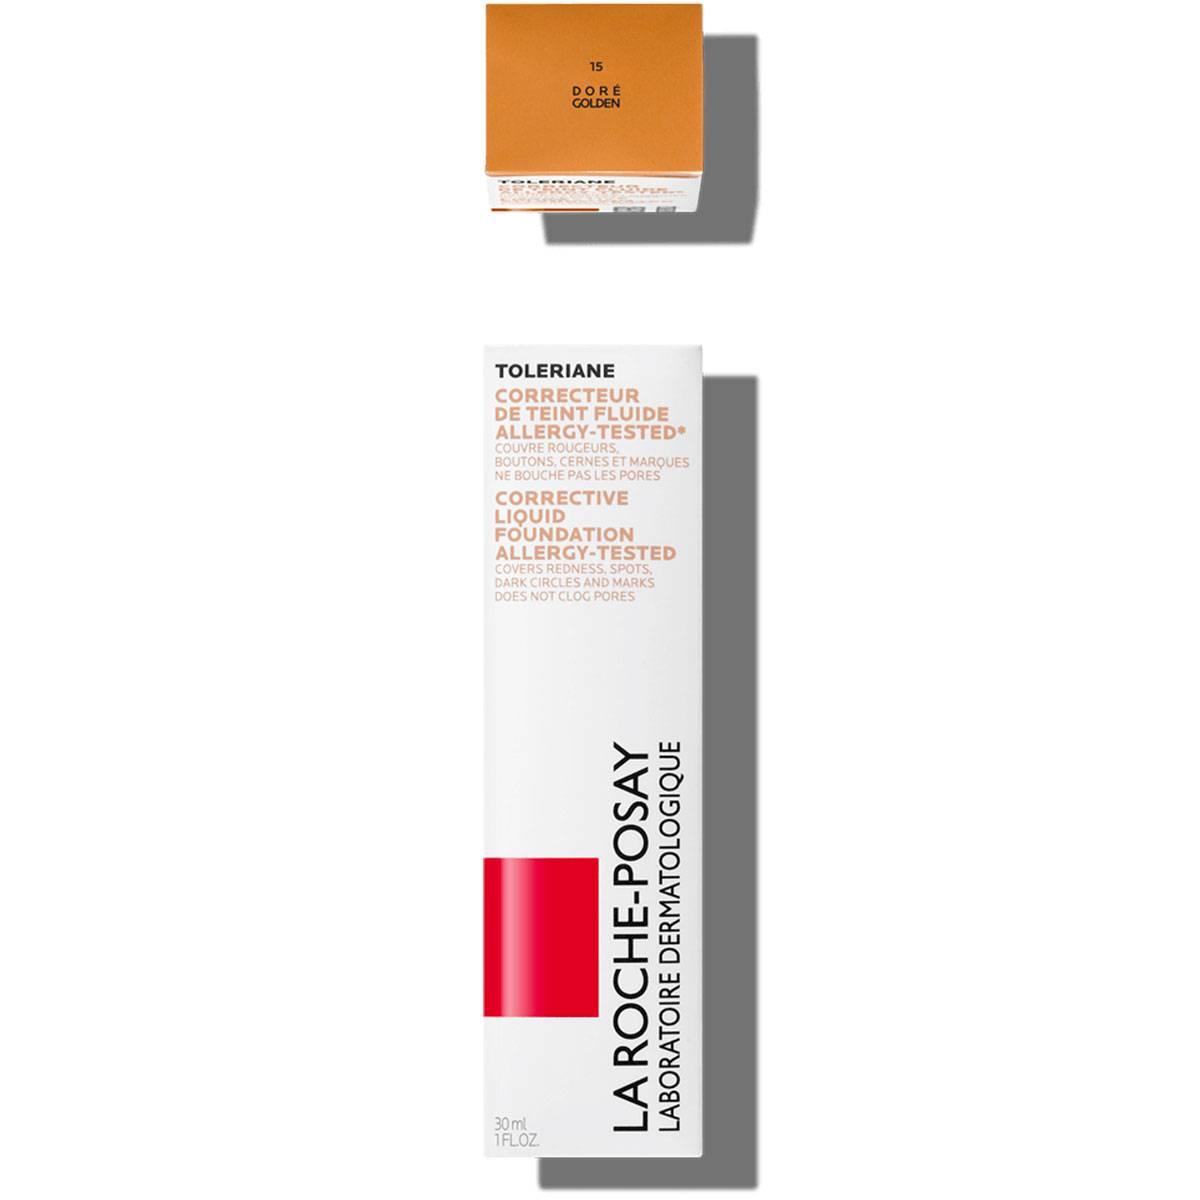 La Roche Posay Sensitiv Toleriane Makeup KORRIGERENDE FLYDENDE FOUNDATION